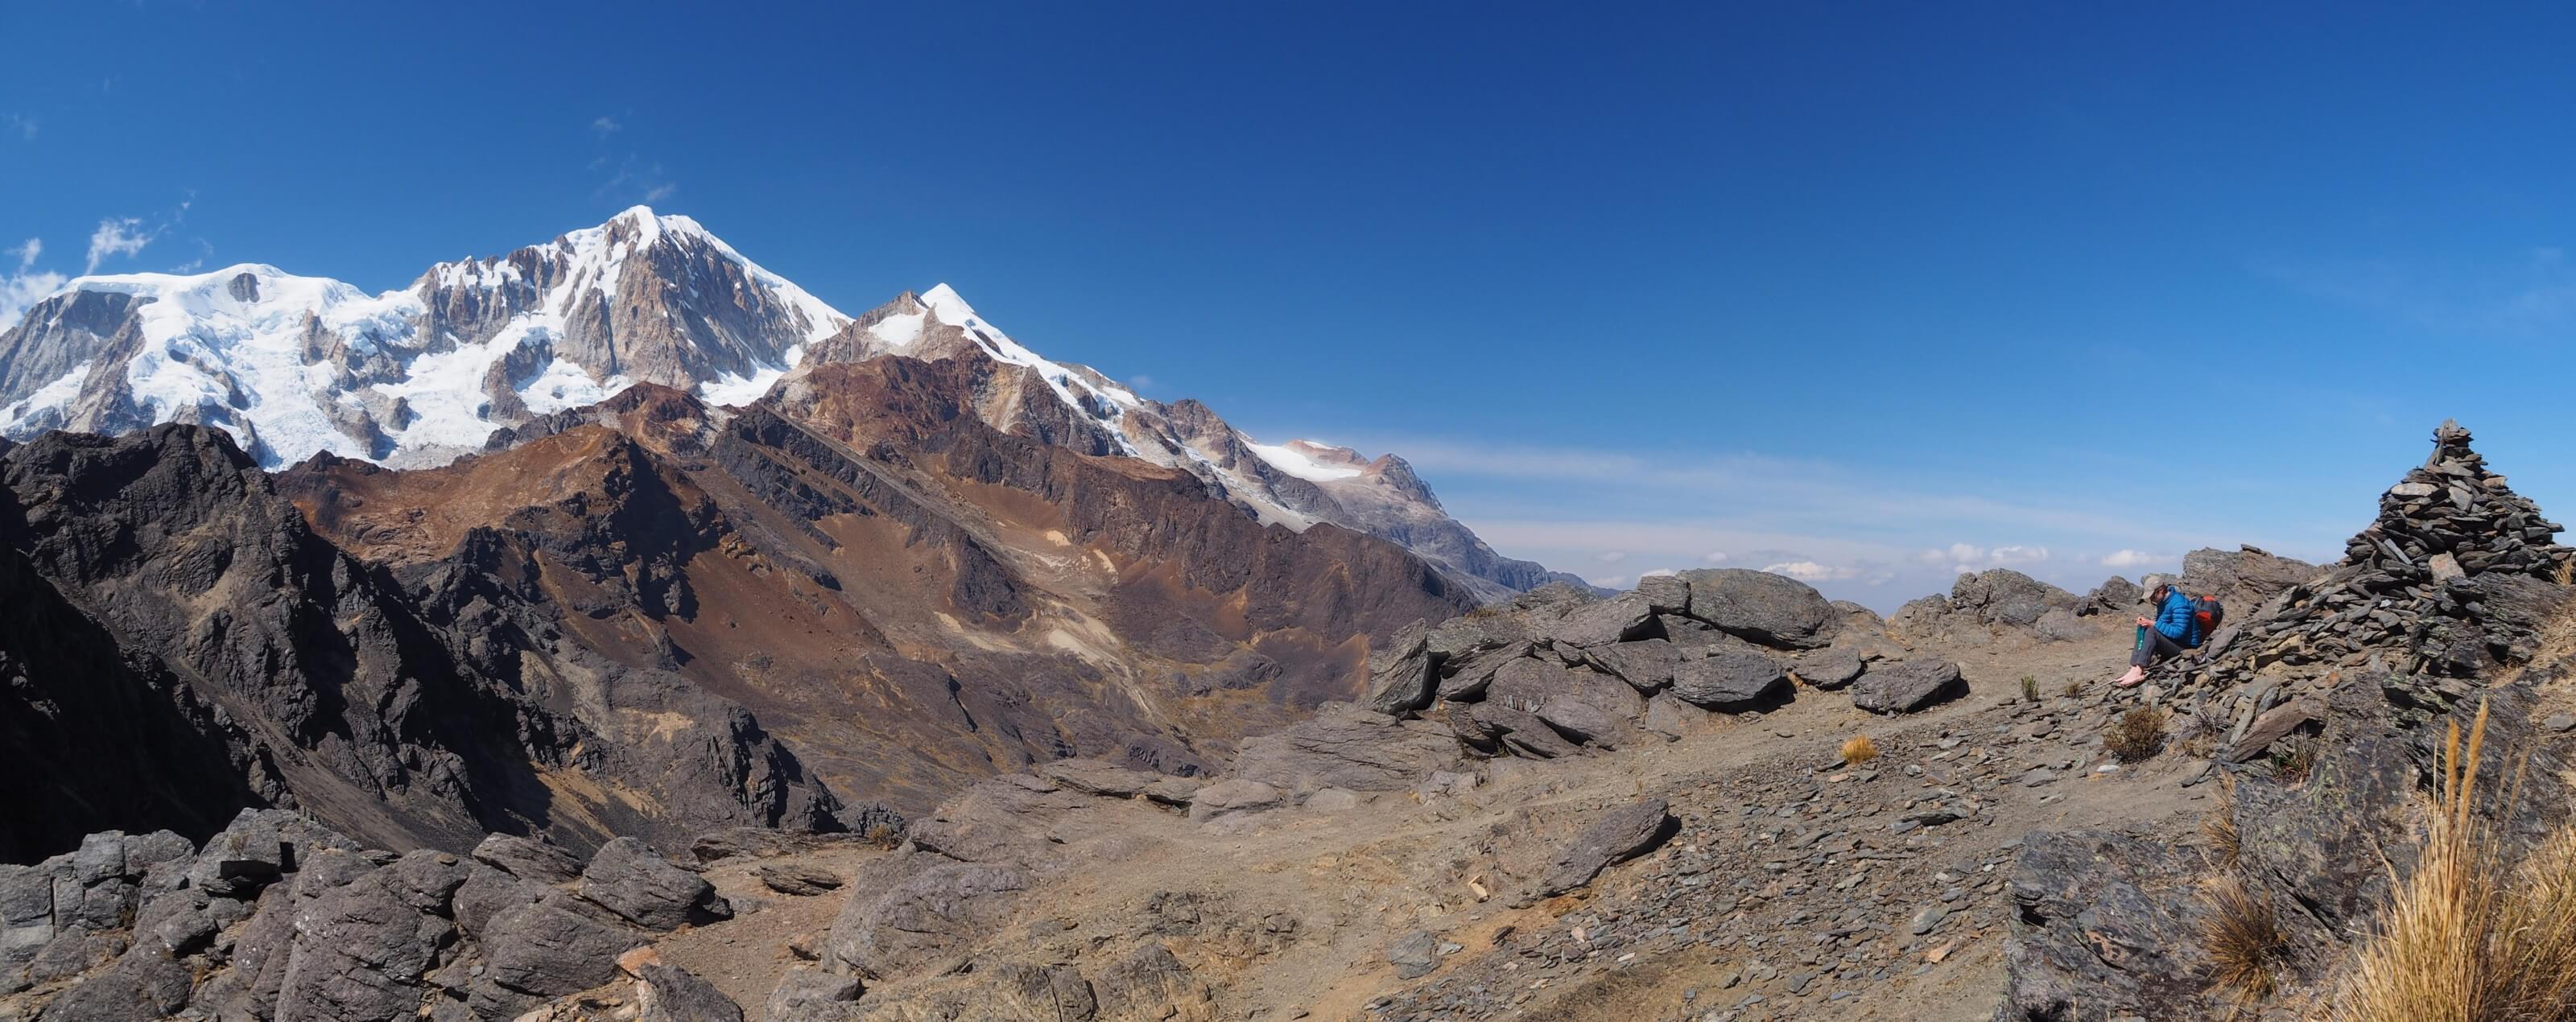 tour illampu panorama